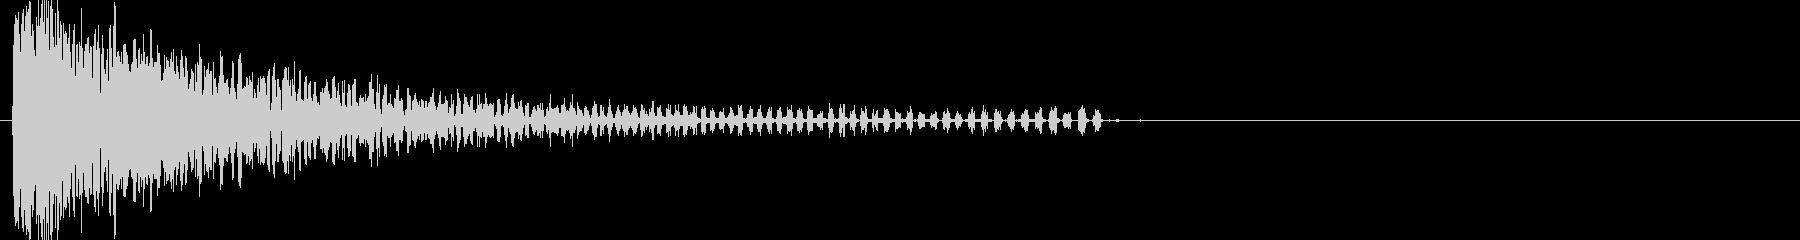 耳パンチの未再生の波形